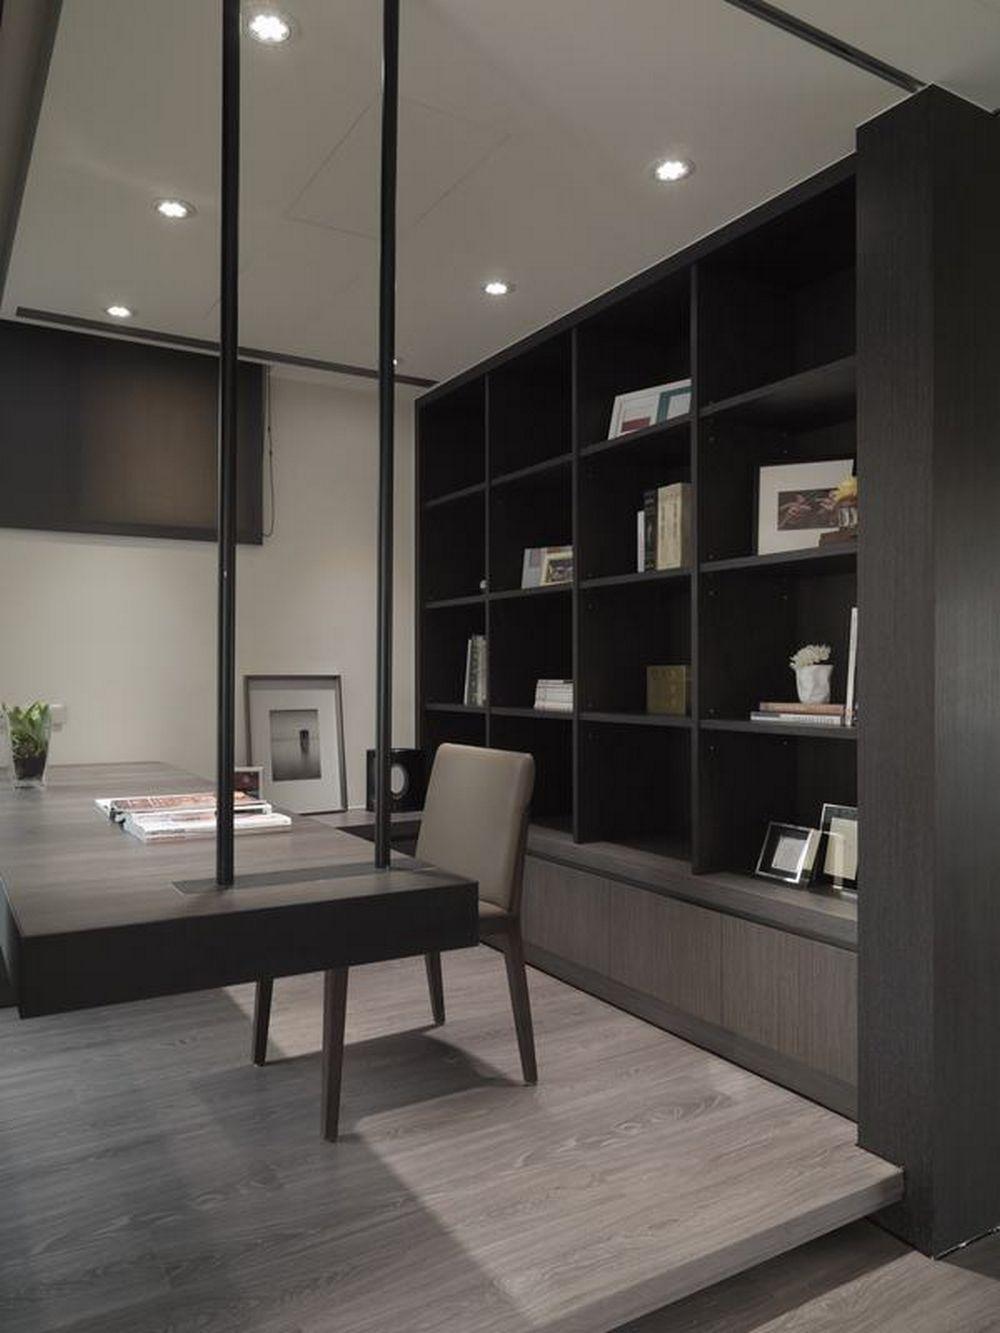 Study Room Interior Design: Contemporary Interior Design, Study Room